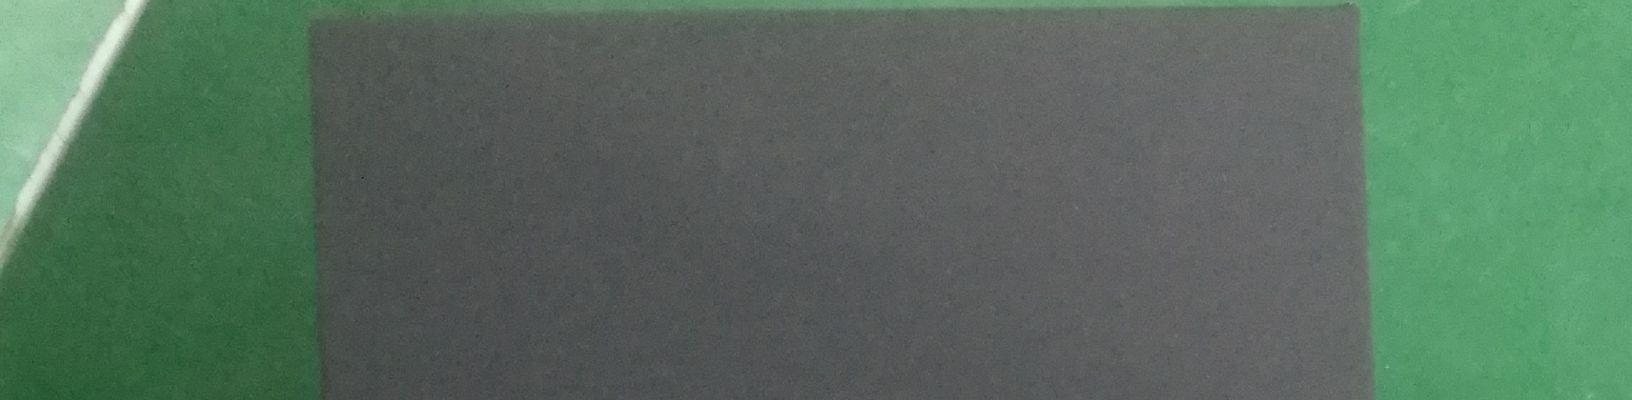 Grabación de caja de reloj publicitario